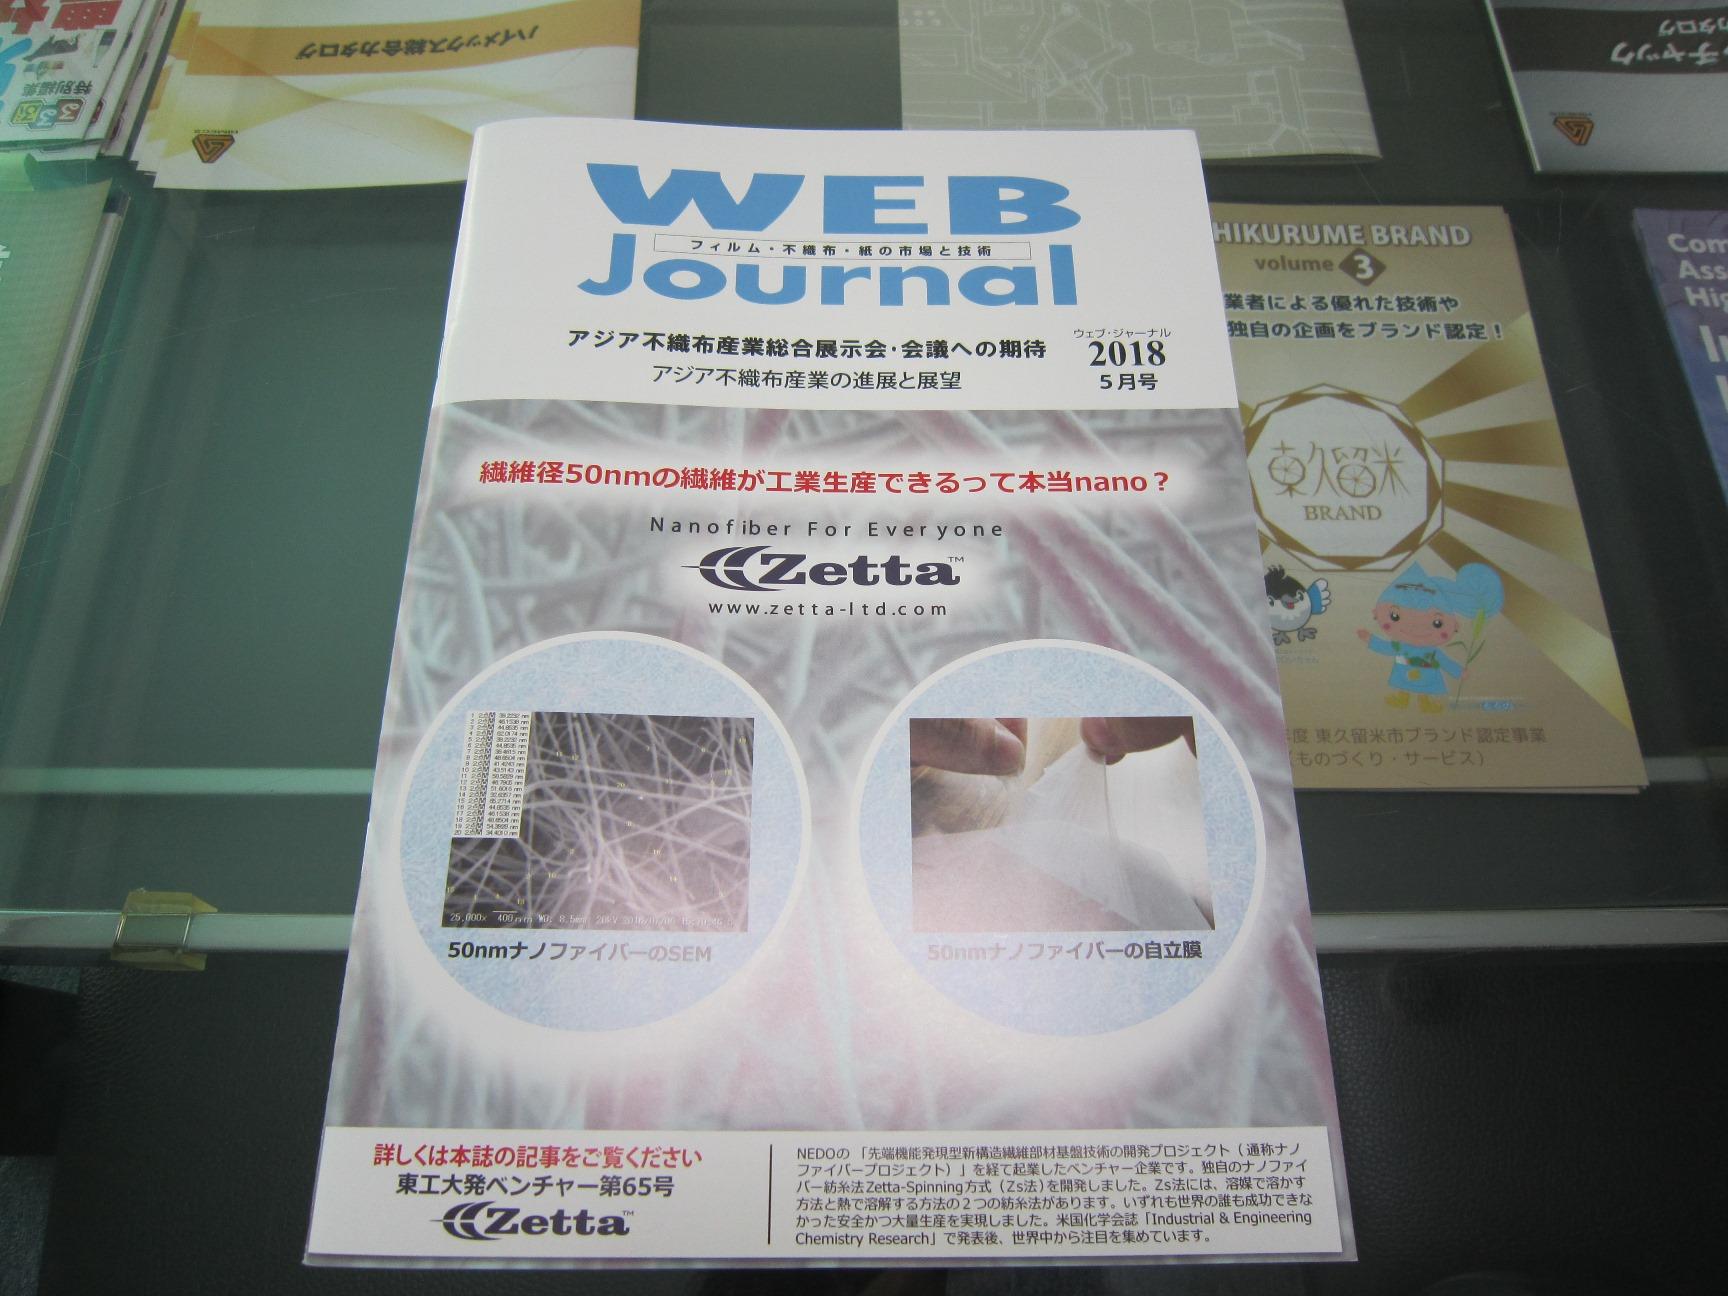 業界誌『WEB Journal』掲載!